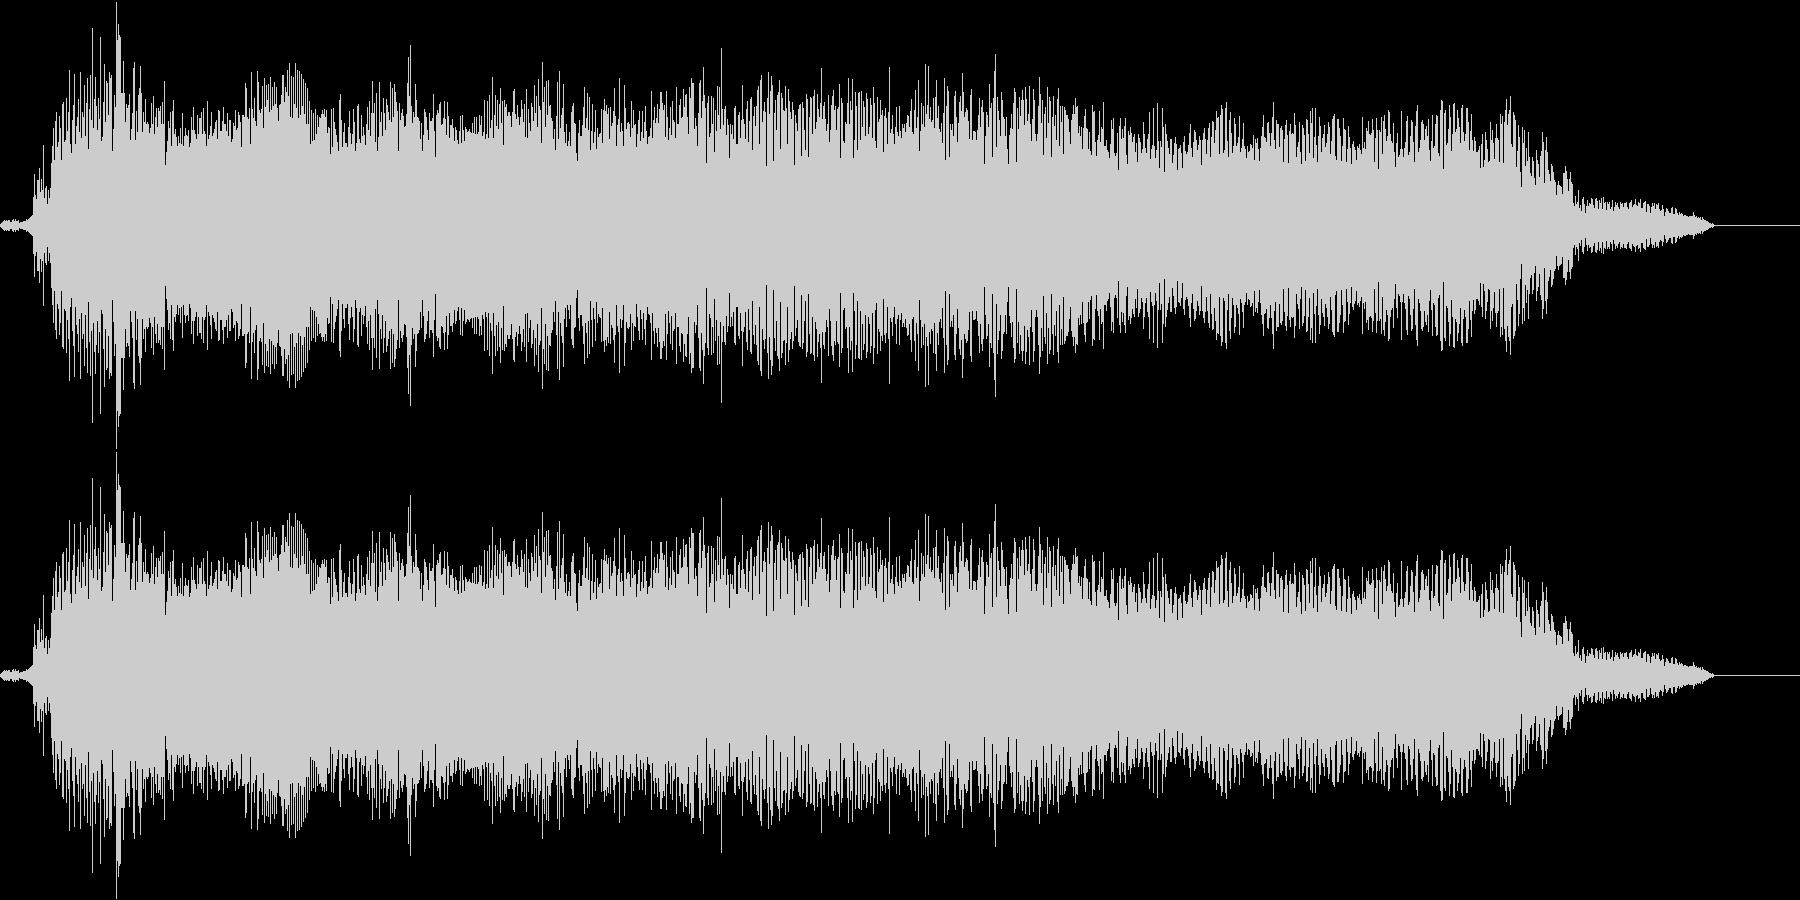 【エレキギター・リフ】チャイニーズ風の未再生の波形